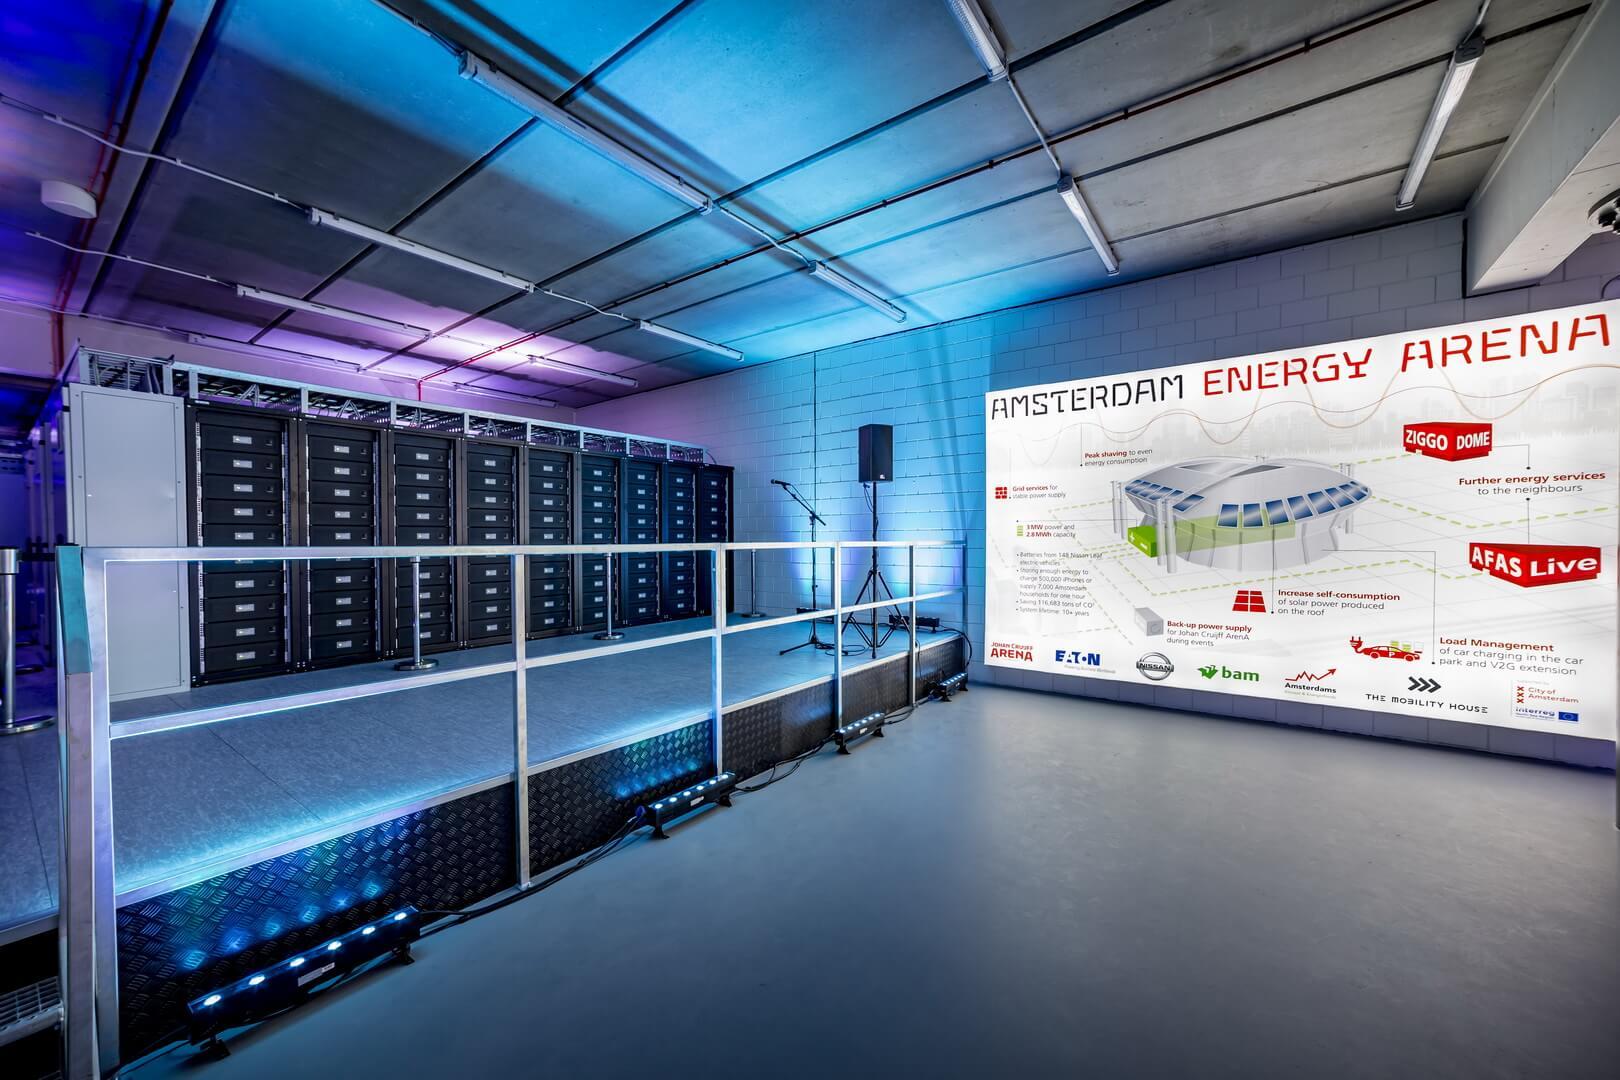 Система хранения энергии на стадионе Johan Cruijff ArenA из 148 (использованных и новых) аккумуляторов Nissan Leaf